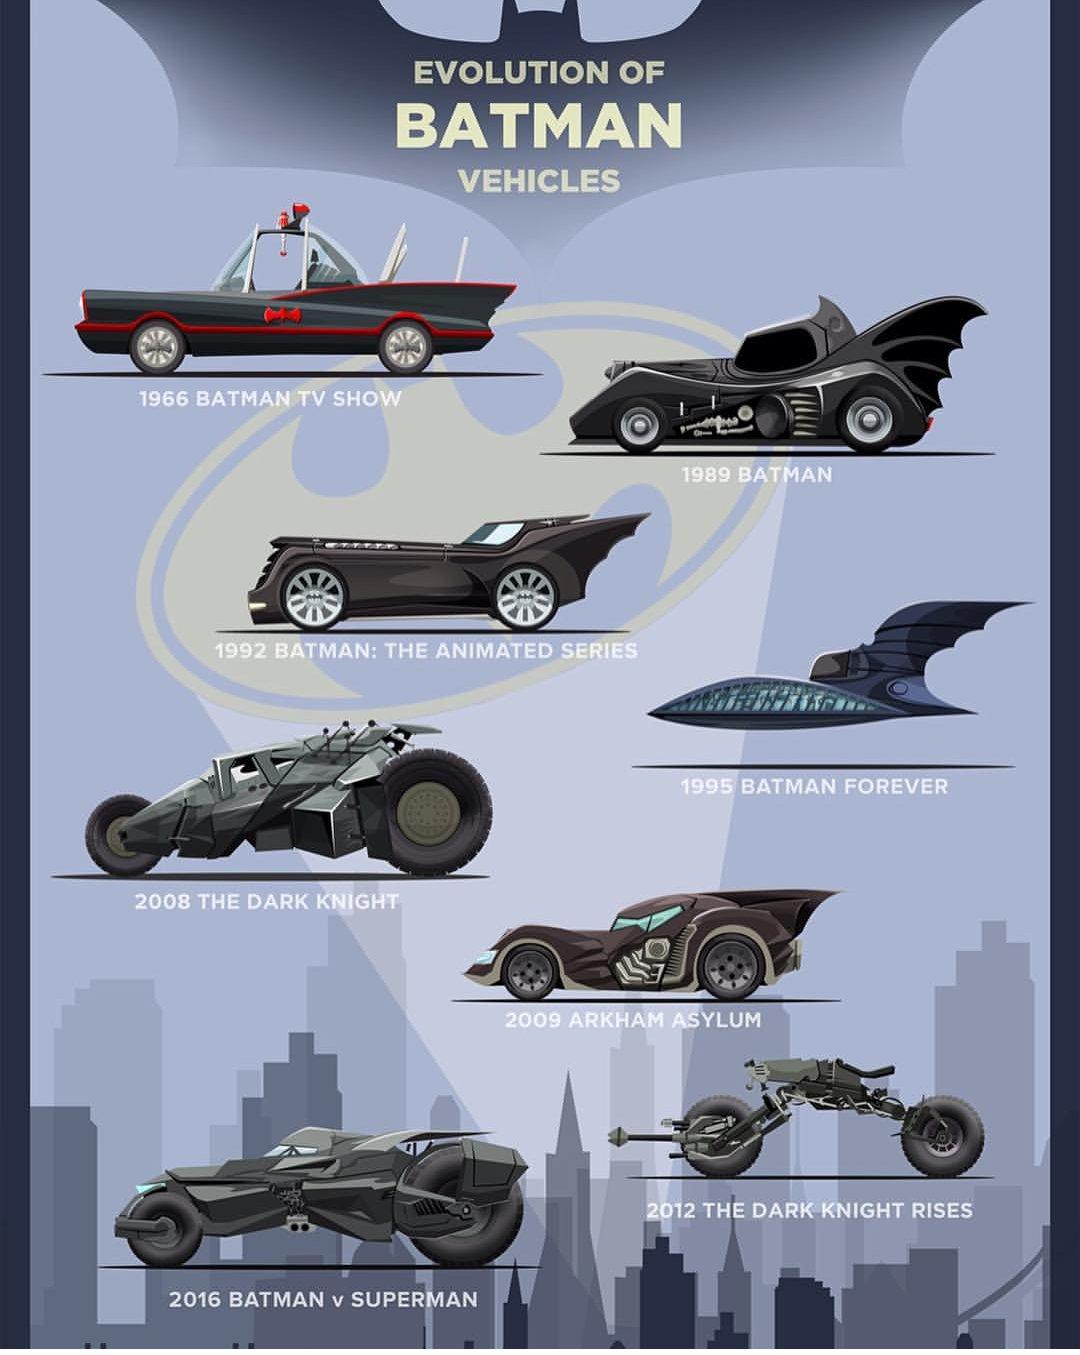 Así ha sido la evolución de los vehículos de #Batman https://t.co/imoOFcB3Eq